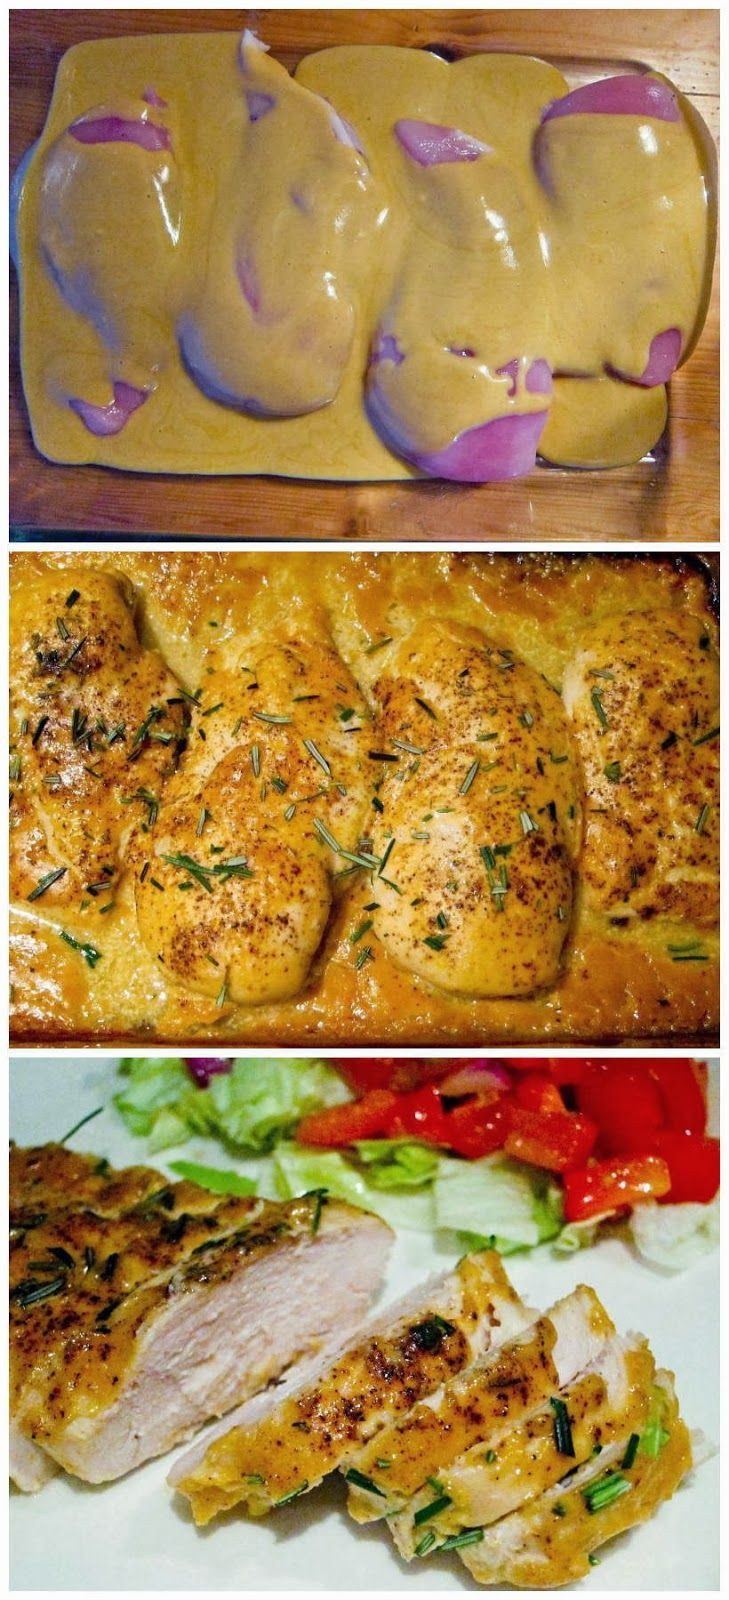 Pollo migliore del mondo - 4 disossate, petti di pollo senza pelle 1/2 tazza di senape di Digione 1/4 di tazza di sciroppo d'acero 1 cucchiaio di aceto di vino rosso Sale & Pepe Rosmarino